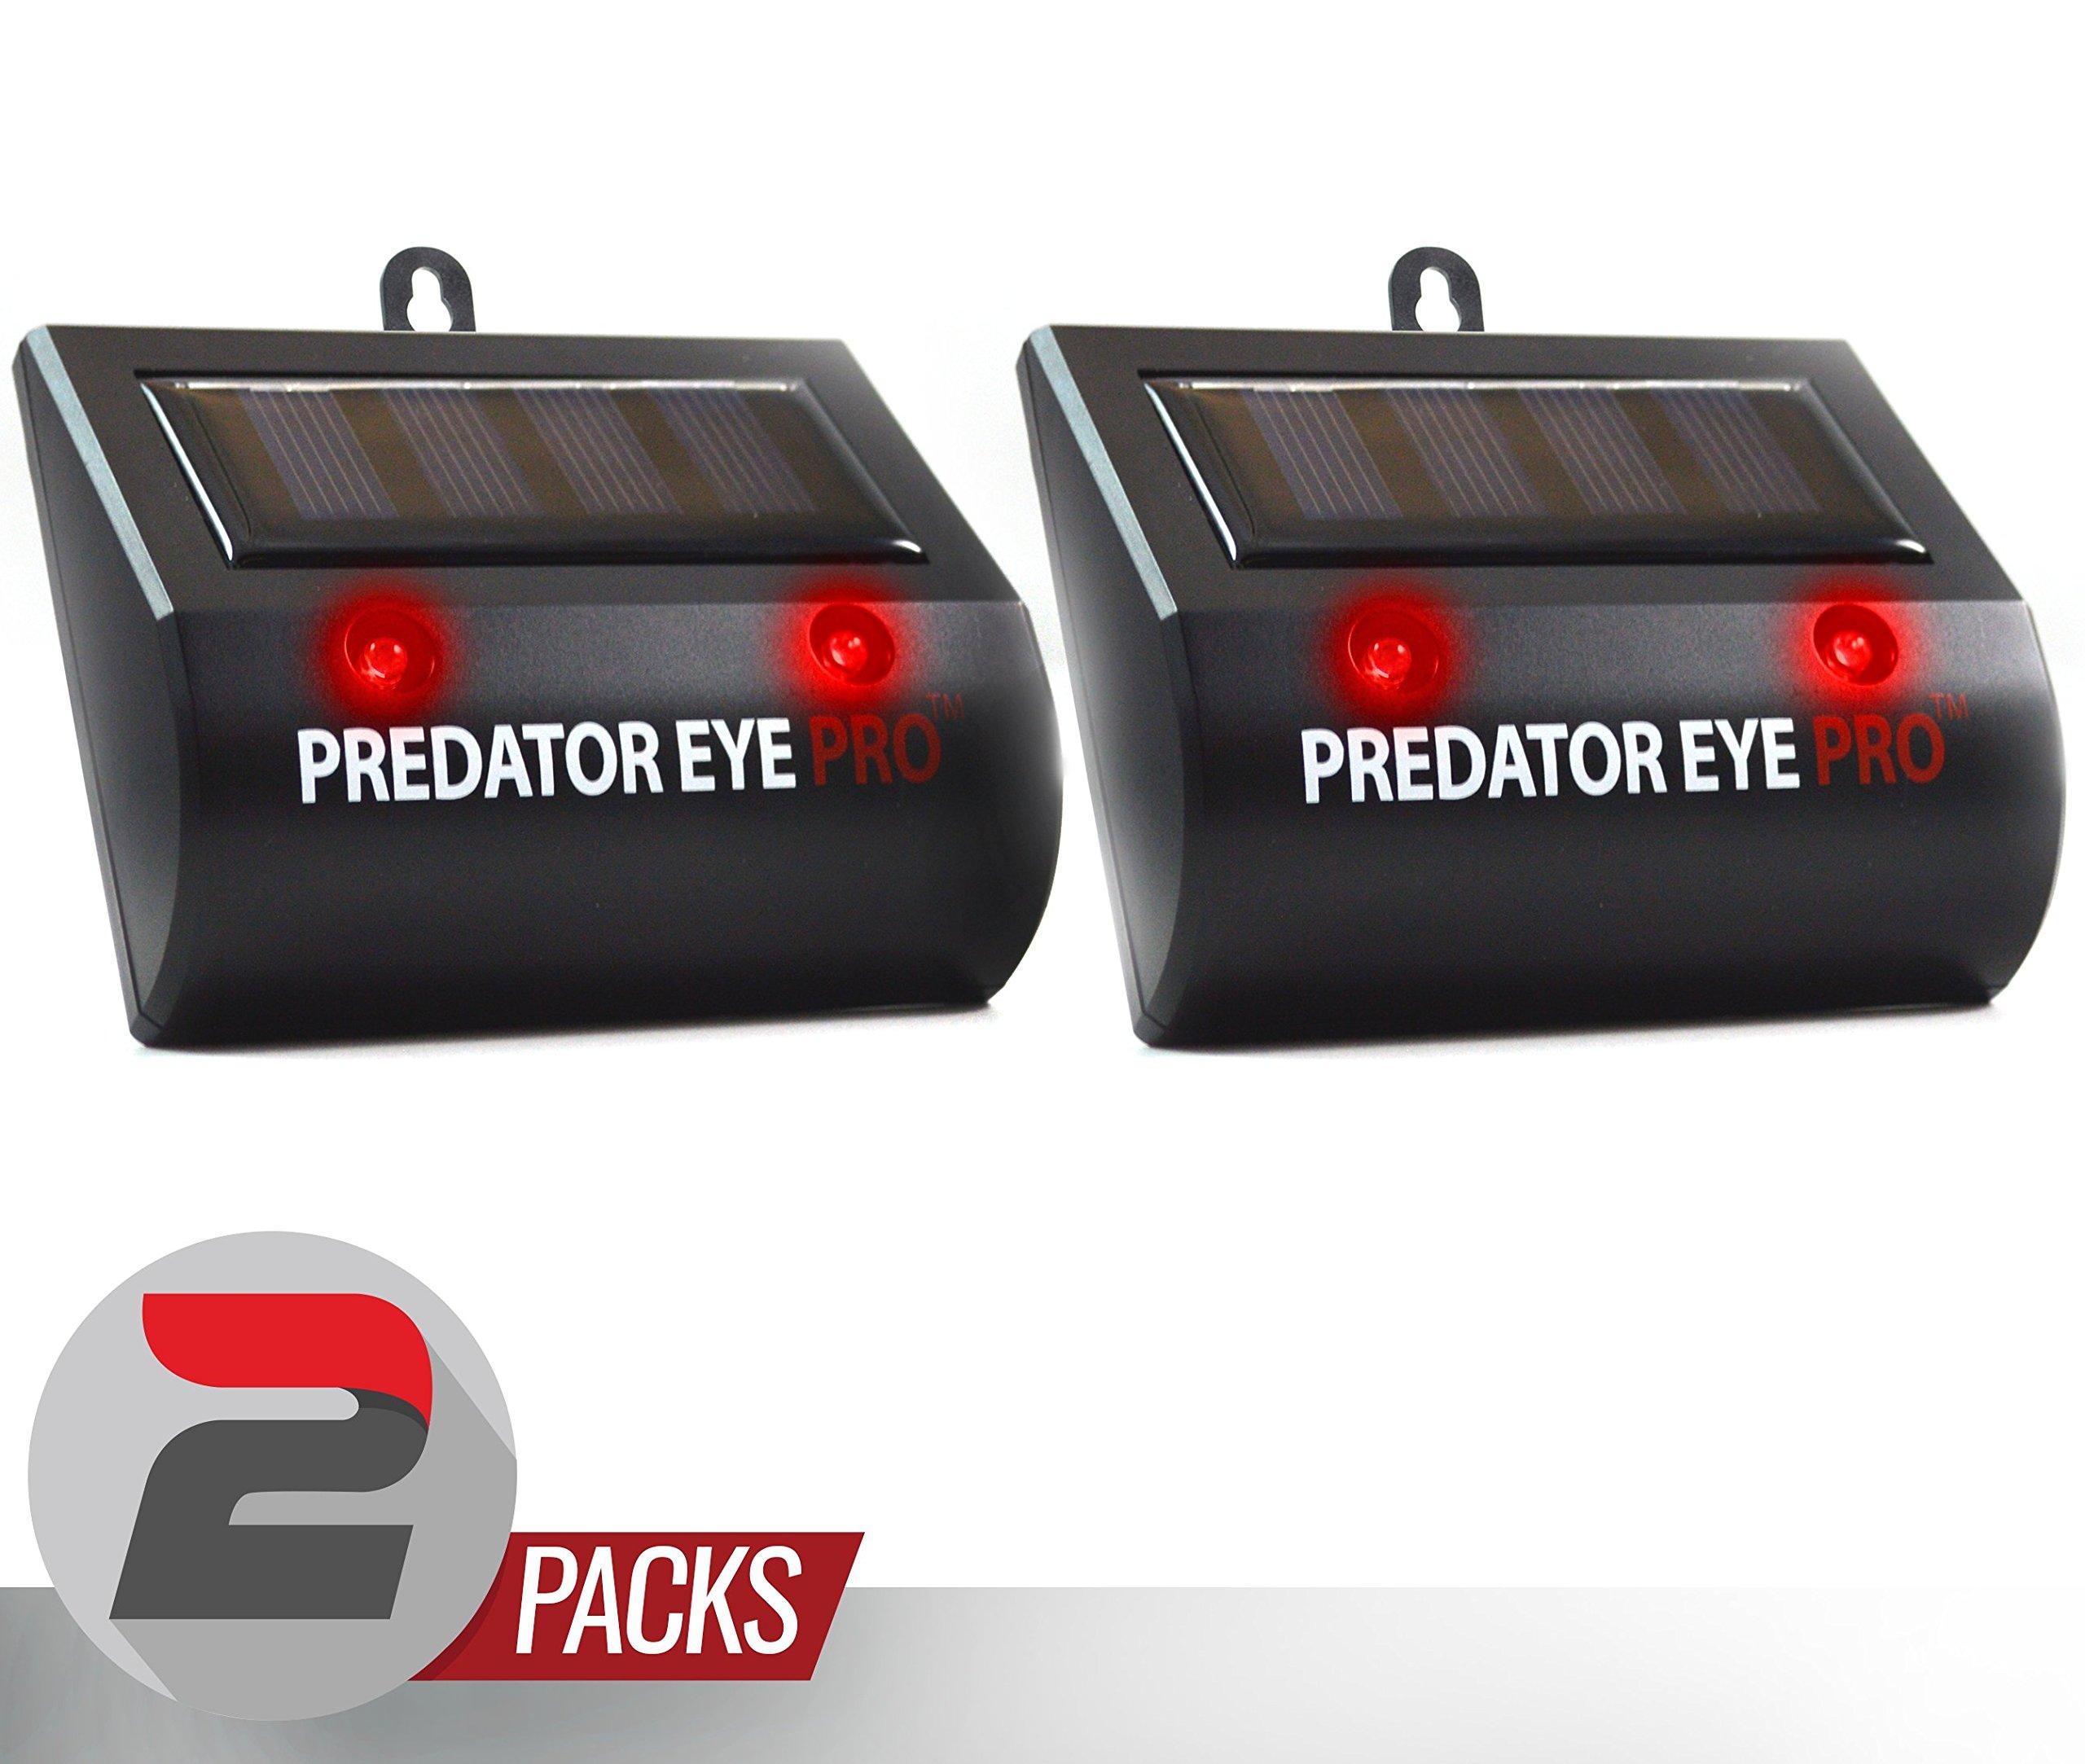 Aspectek Solar Powered Predator Eye Pro Night and Day Wild Animal Repeller 2 pack